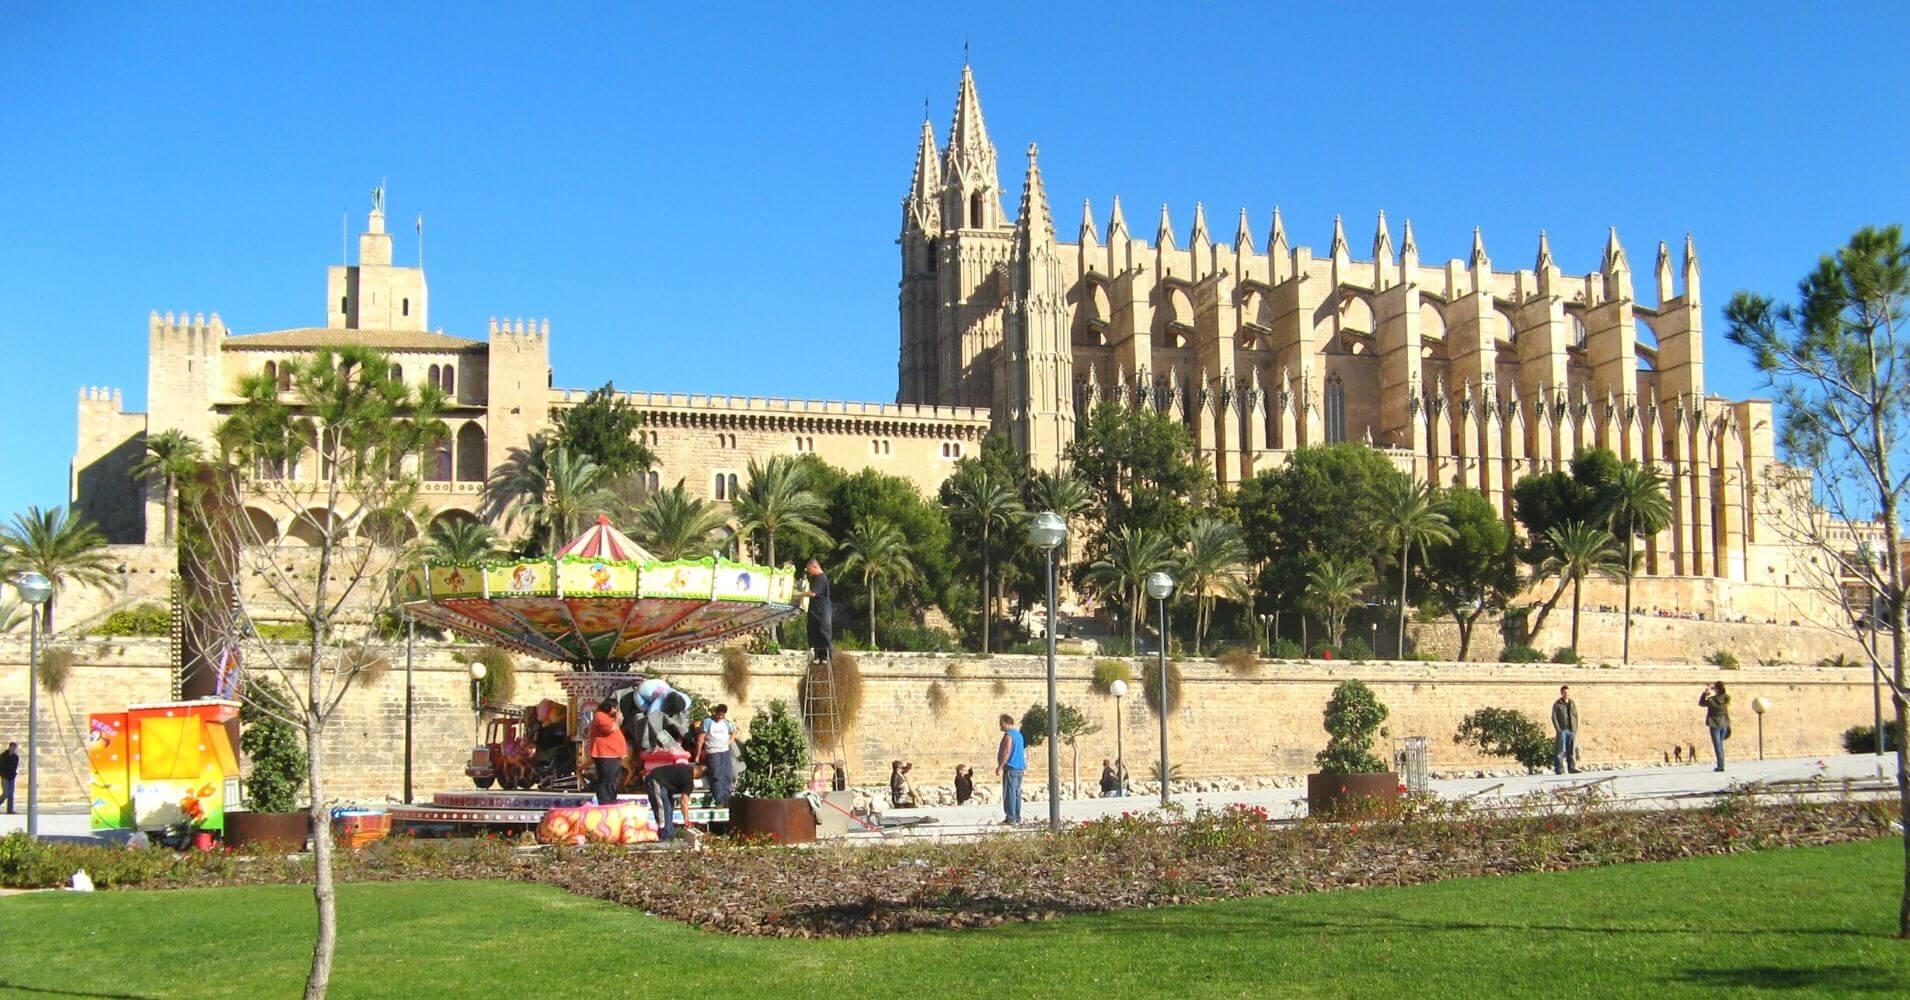 Viajar a Islas Baleares. Catedral de Palma de Mallorca.